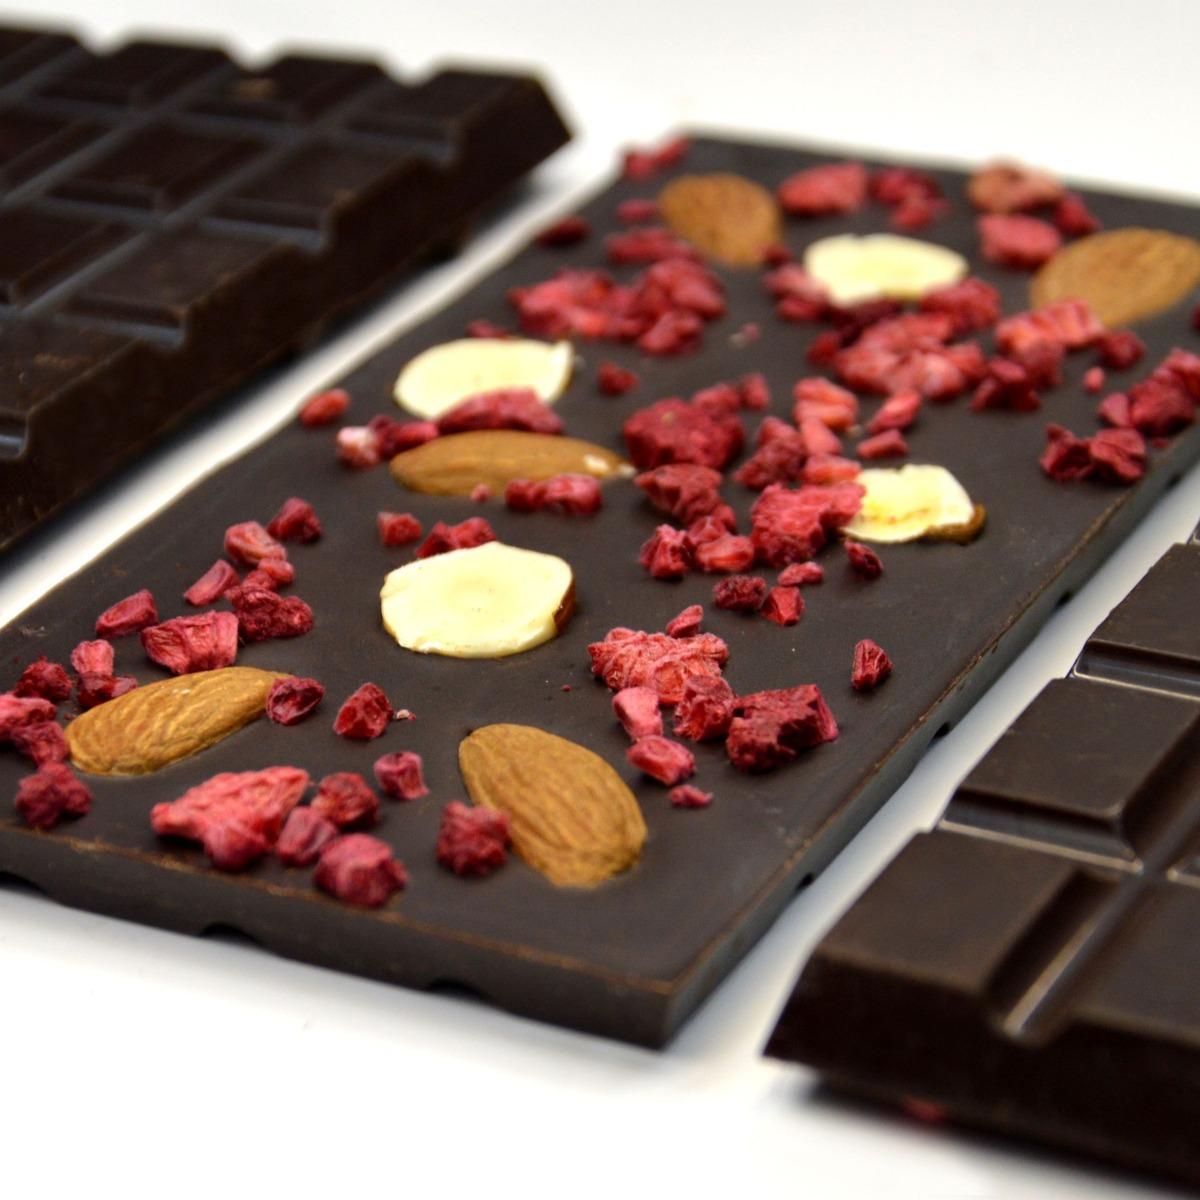 встречаются очень шоколад ручной работы фото характерна скупость